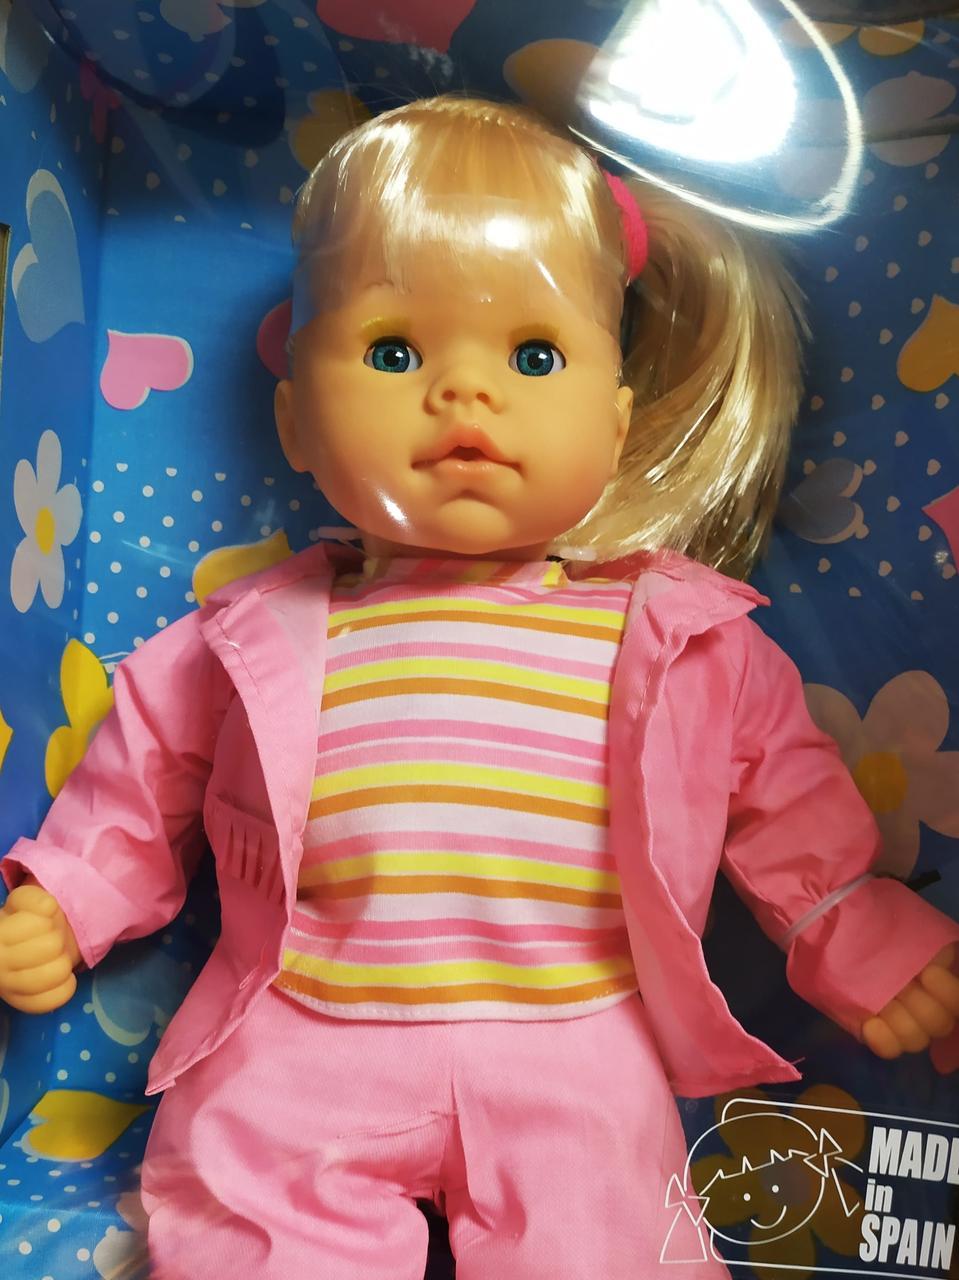 Кукла EMMA, разговаривает на русском языке, мягкотелая, ручки, ножки и голова из винила